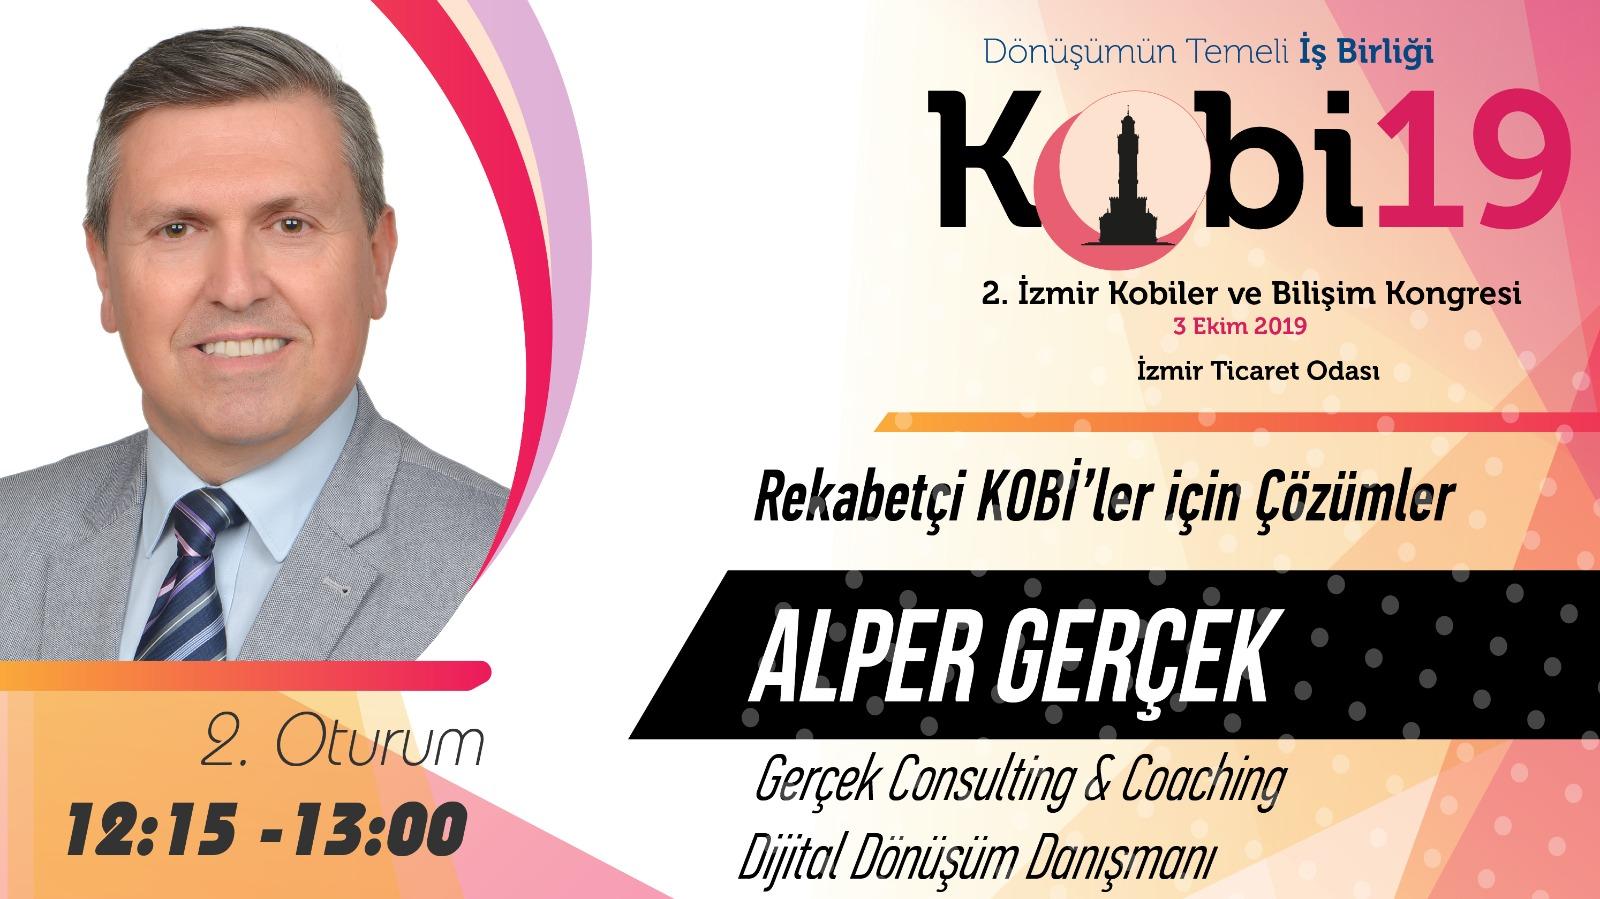 Alper GERÇEK - 2. İzmir Kobiler ve Bilişim Kongresi 2019